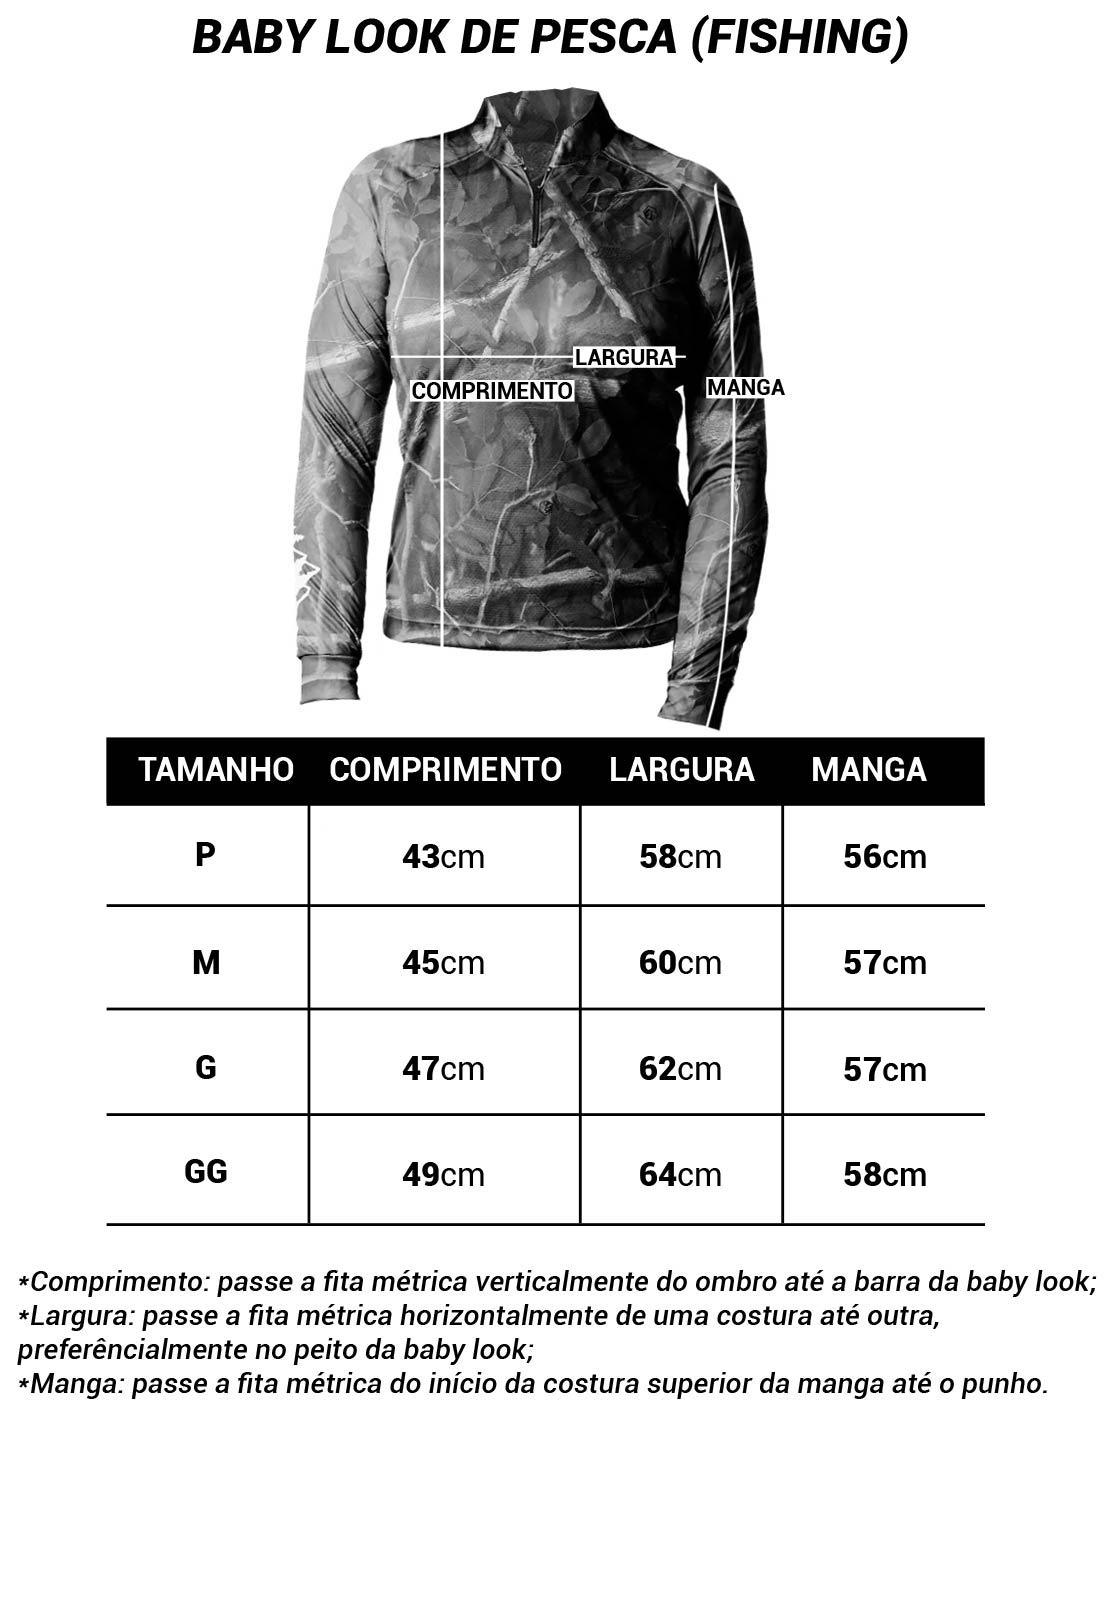 CAMISA DE PESCA FISH PIRARARA 01 FEMININA + BANDANA GRÁTIS  - REAL HUNTER OUTDOORS